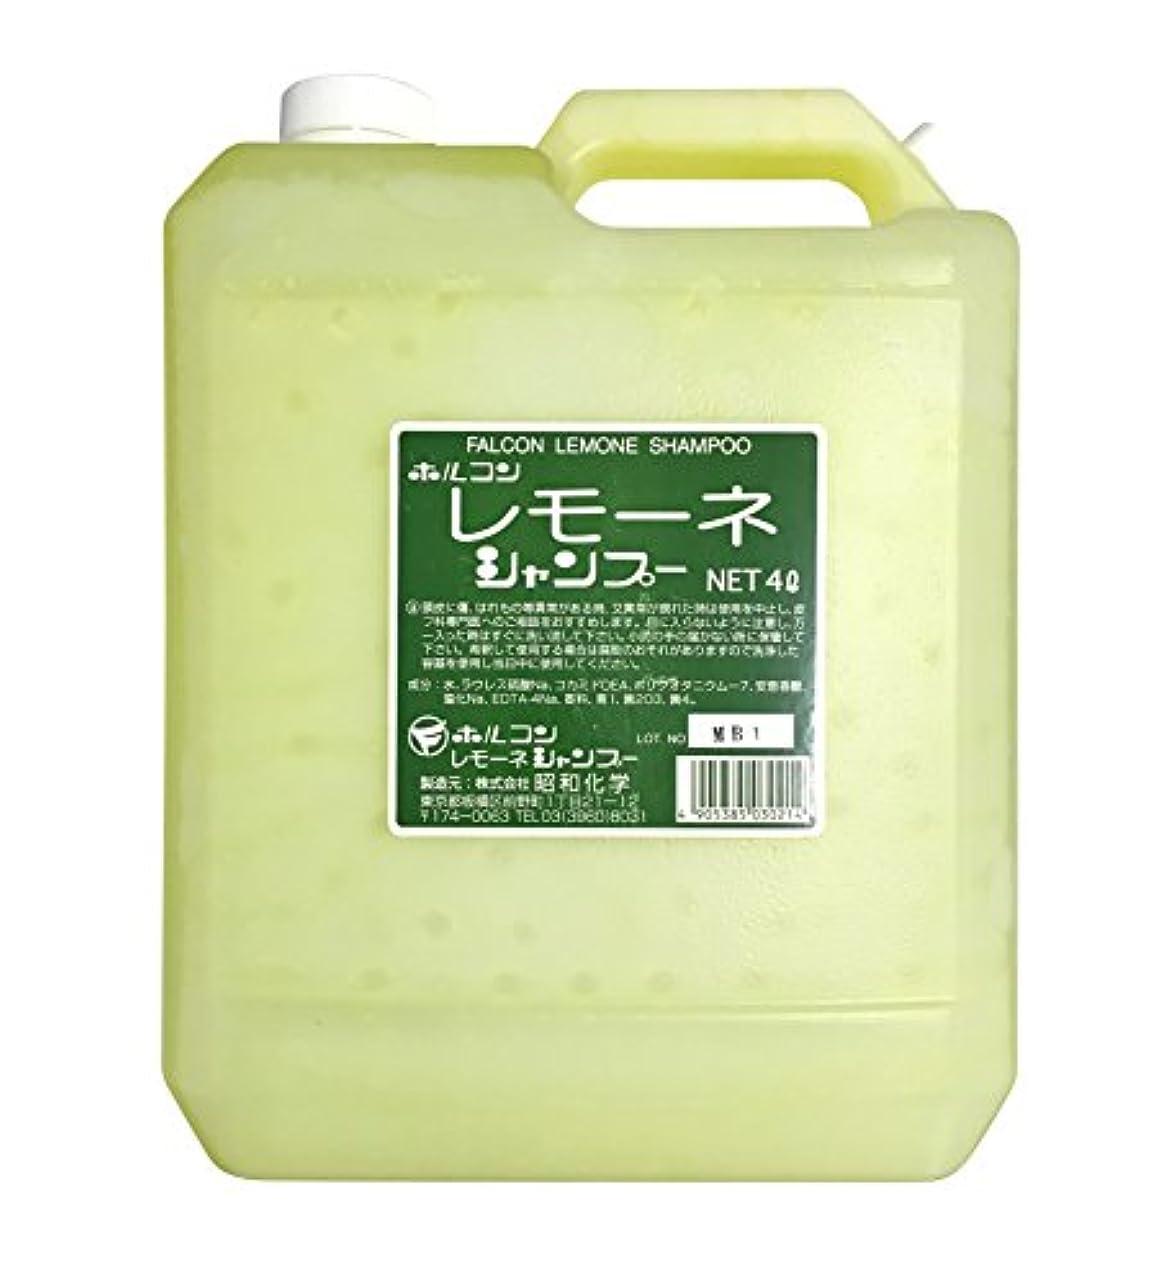 厳とにかく除外する昭和化学 ホルコン レモーネシャンプー 4000ml